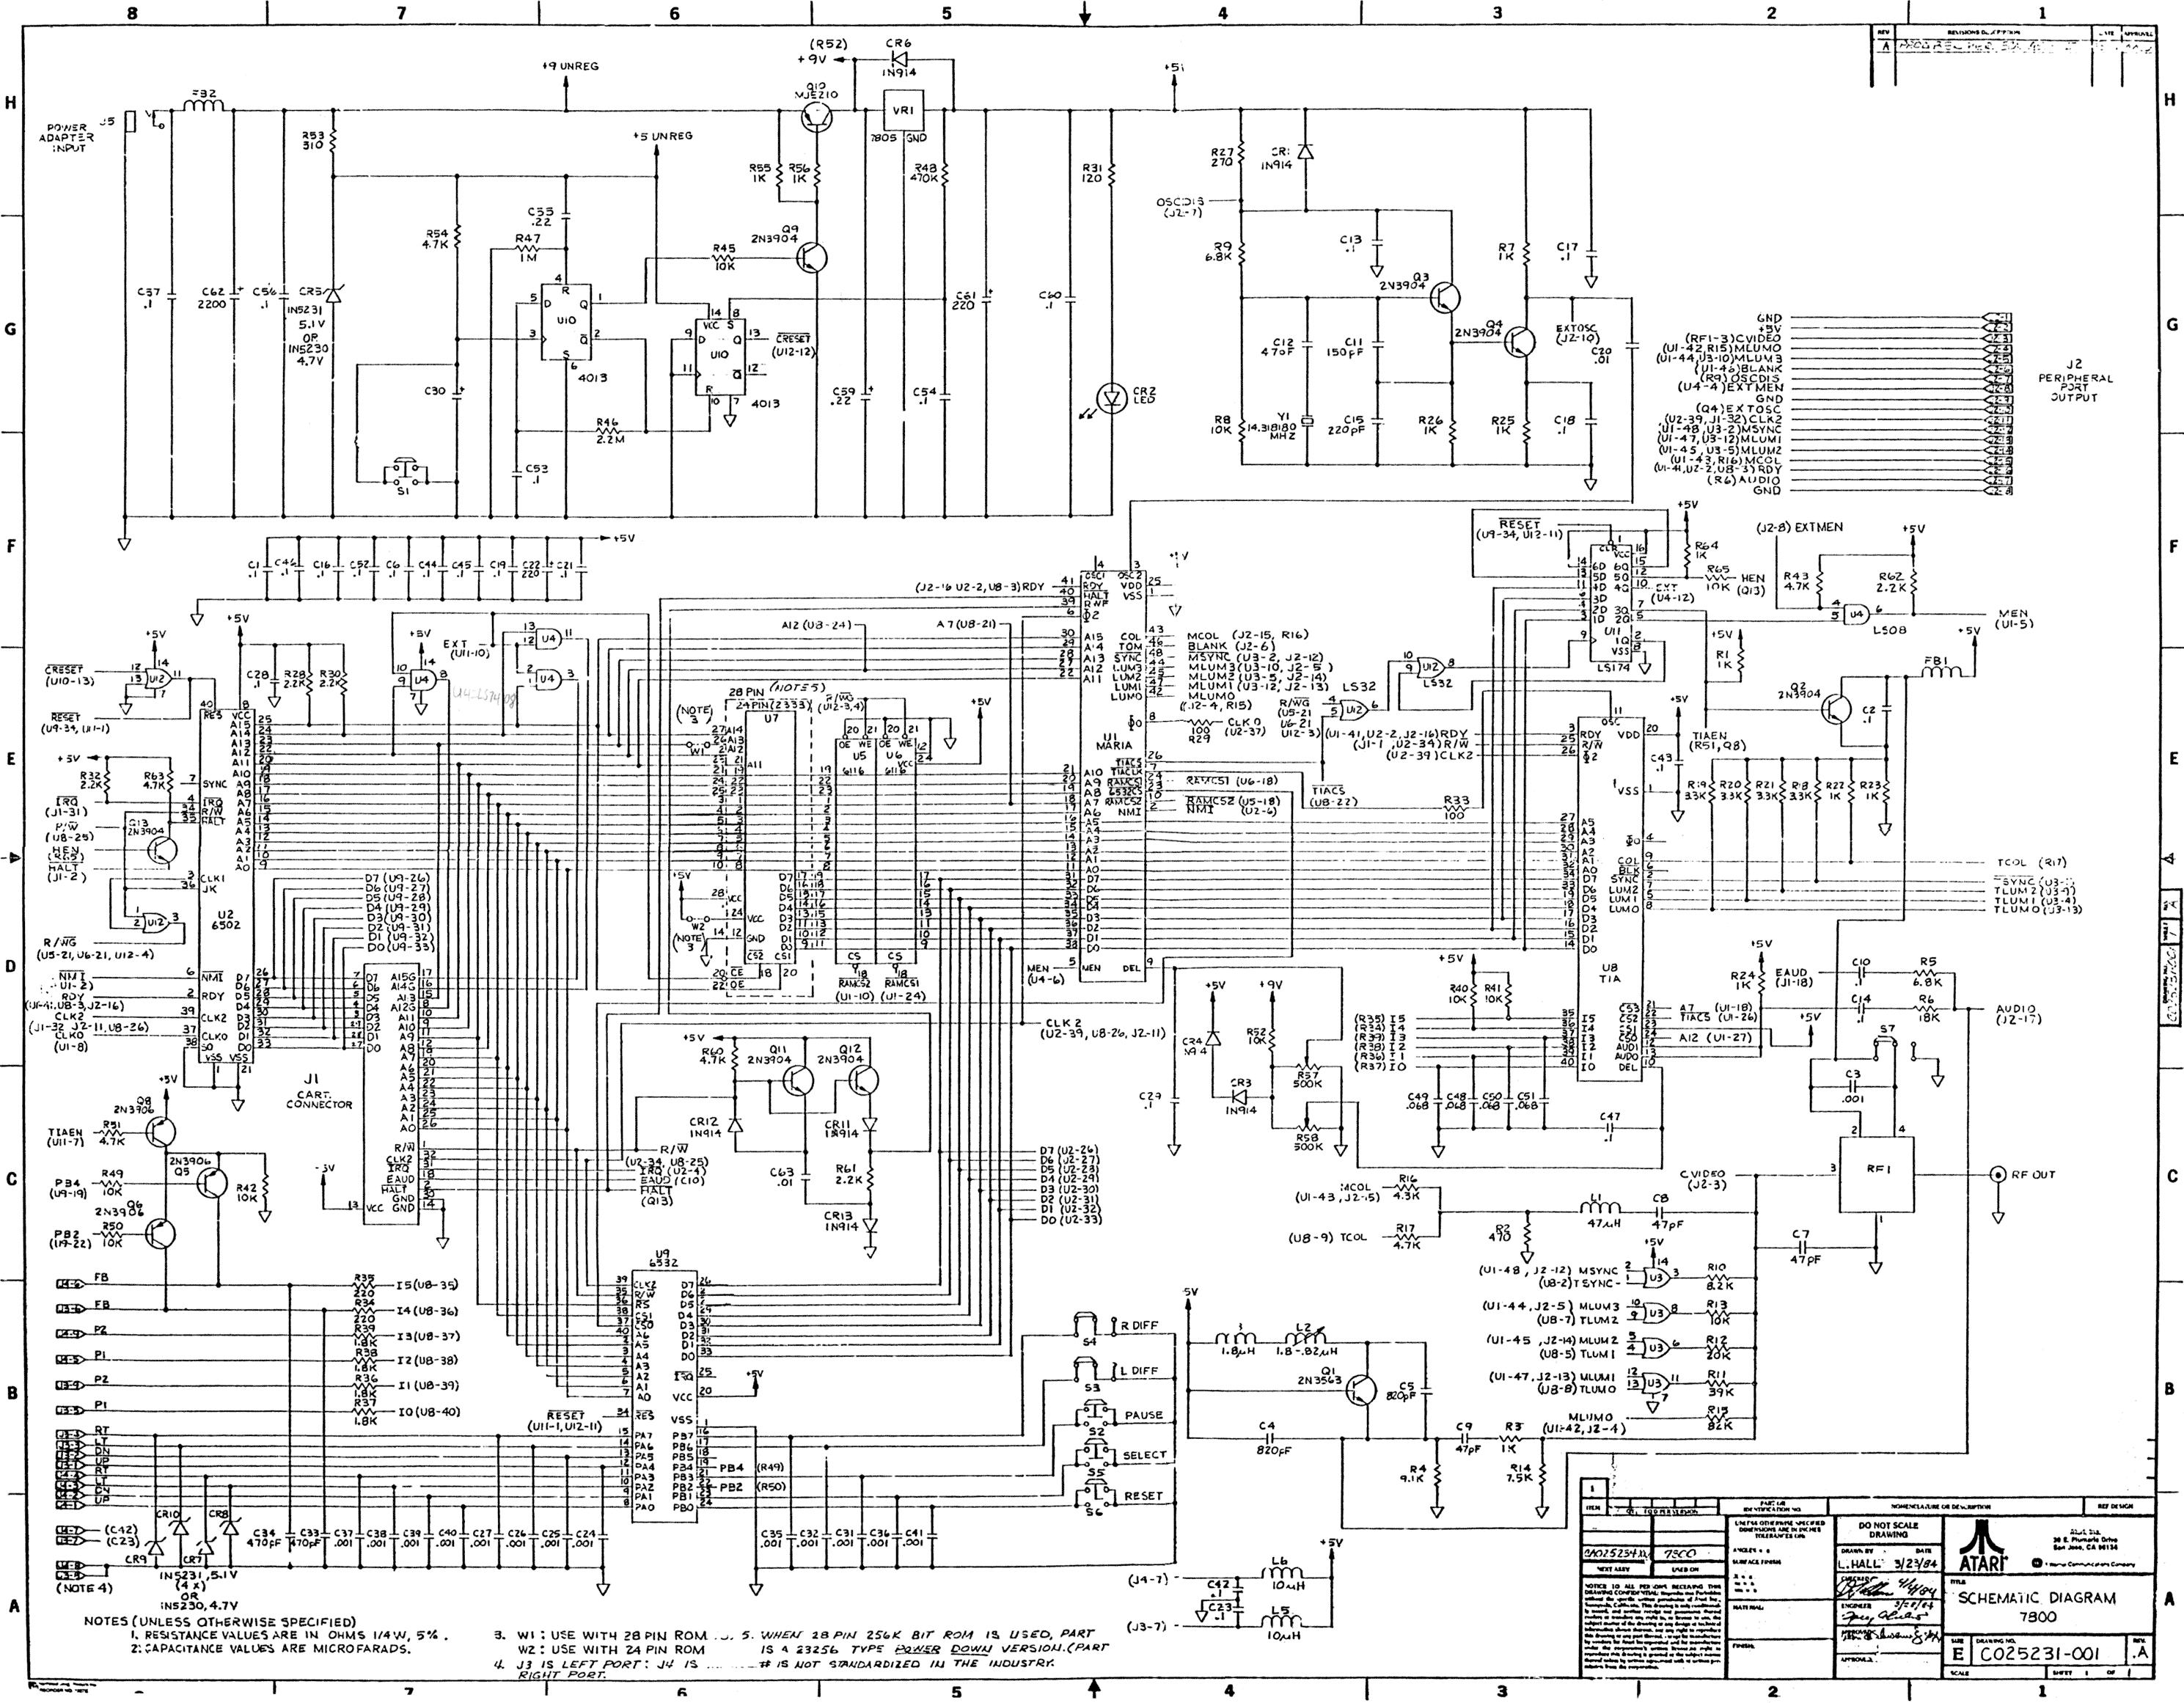 xenon schematic xbox 360 pdf circuit and schematics diagram. Black Bedroom Furniture Sets. Home Design Ideas